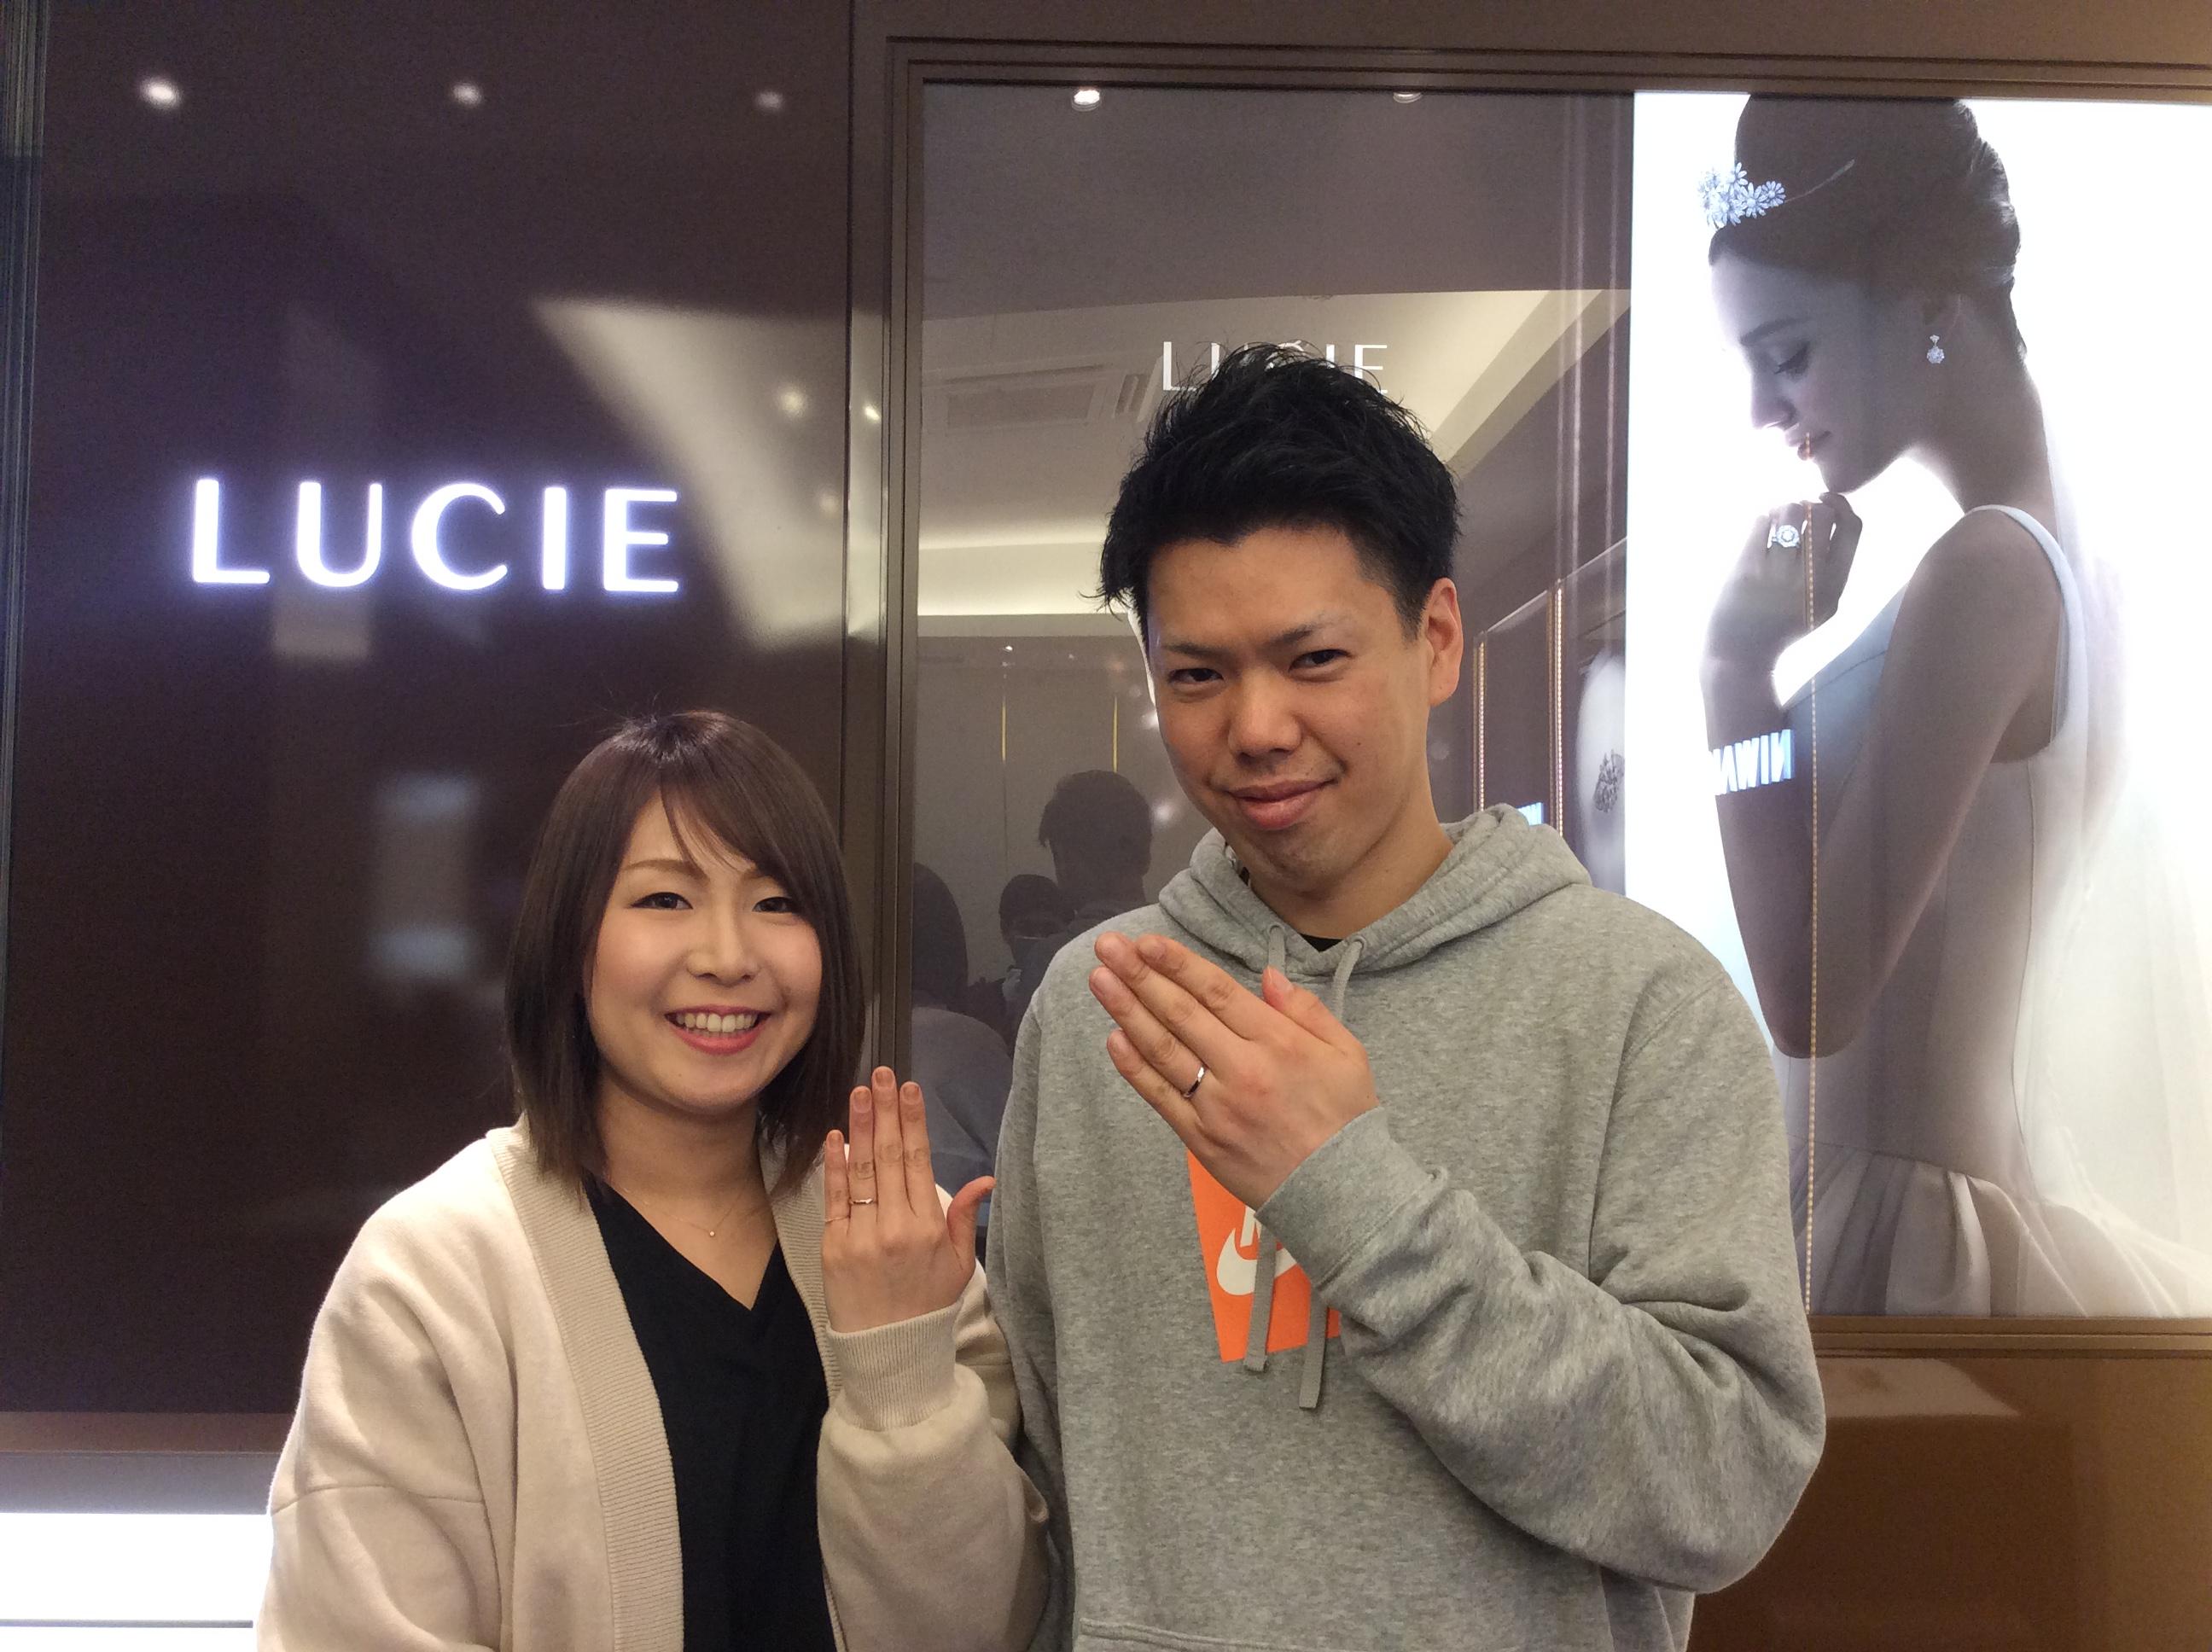 【糸魚川市】結婚指輪「ルシエのネッサンス」をご成約いただきました/S様&M様